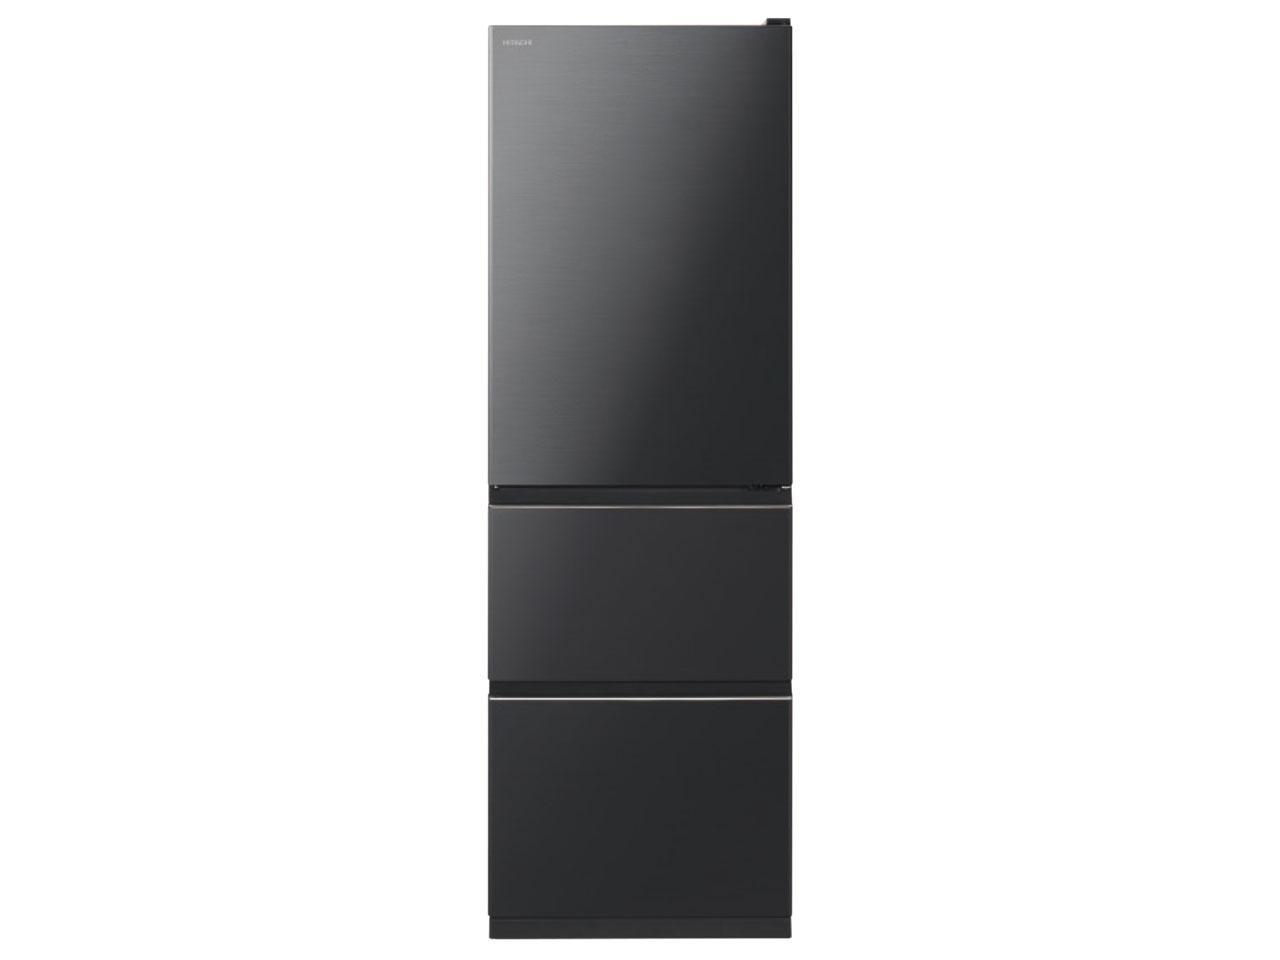 【基本設置無料】日立 375L 3ドア冷蔵庫 R-V38KVL-K【左開き】